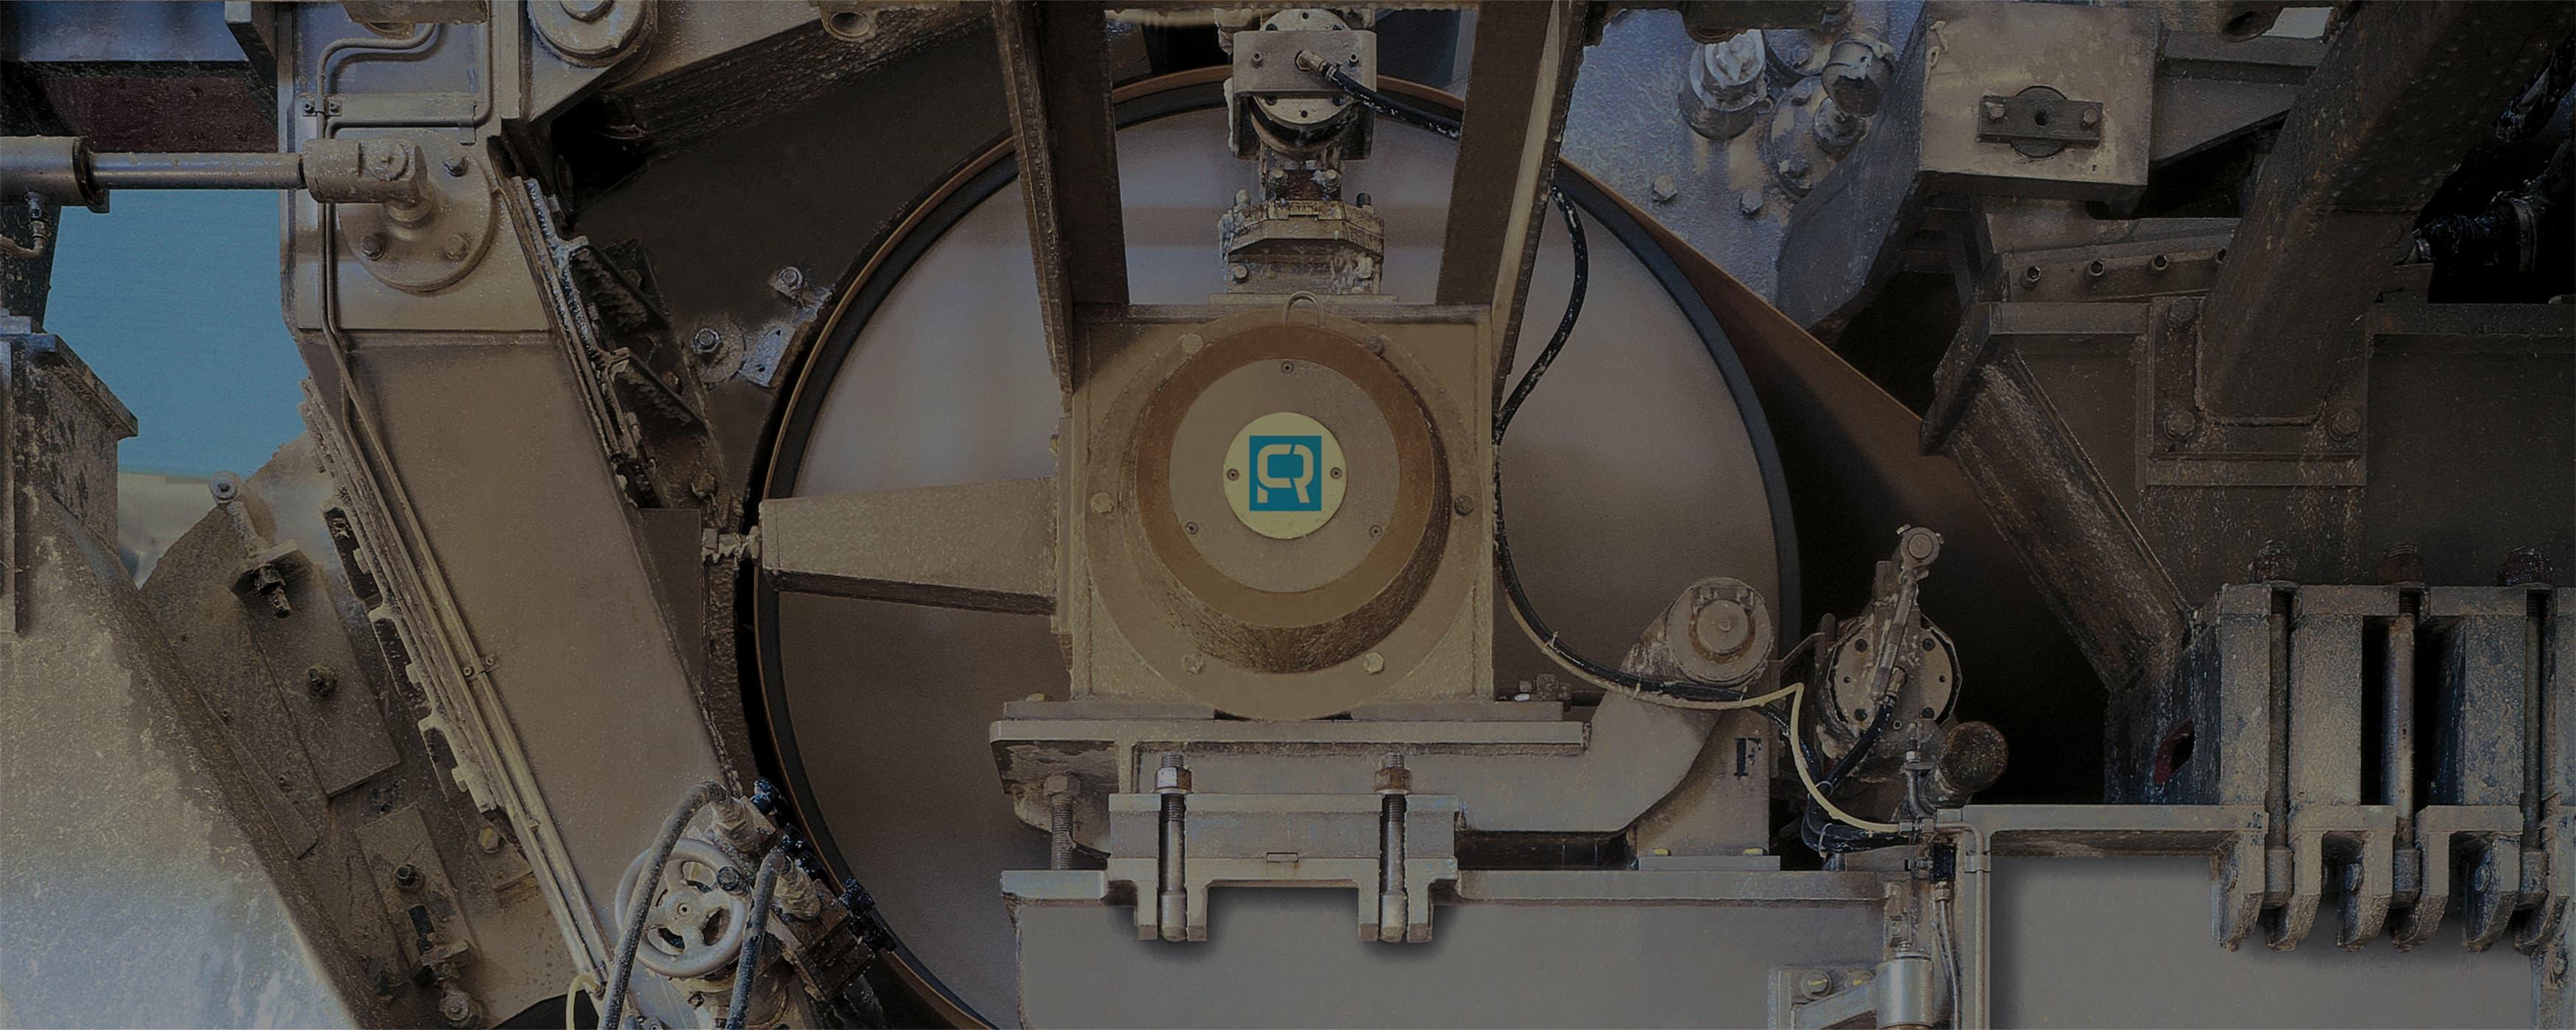 Tissue machine crescent former